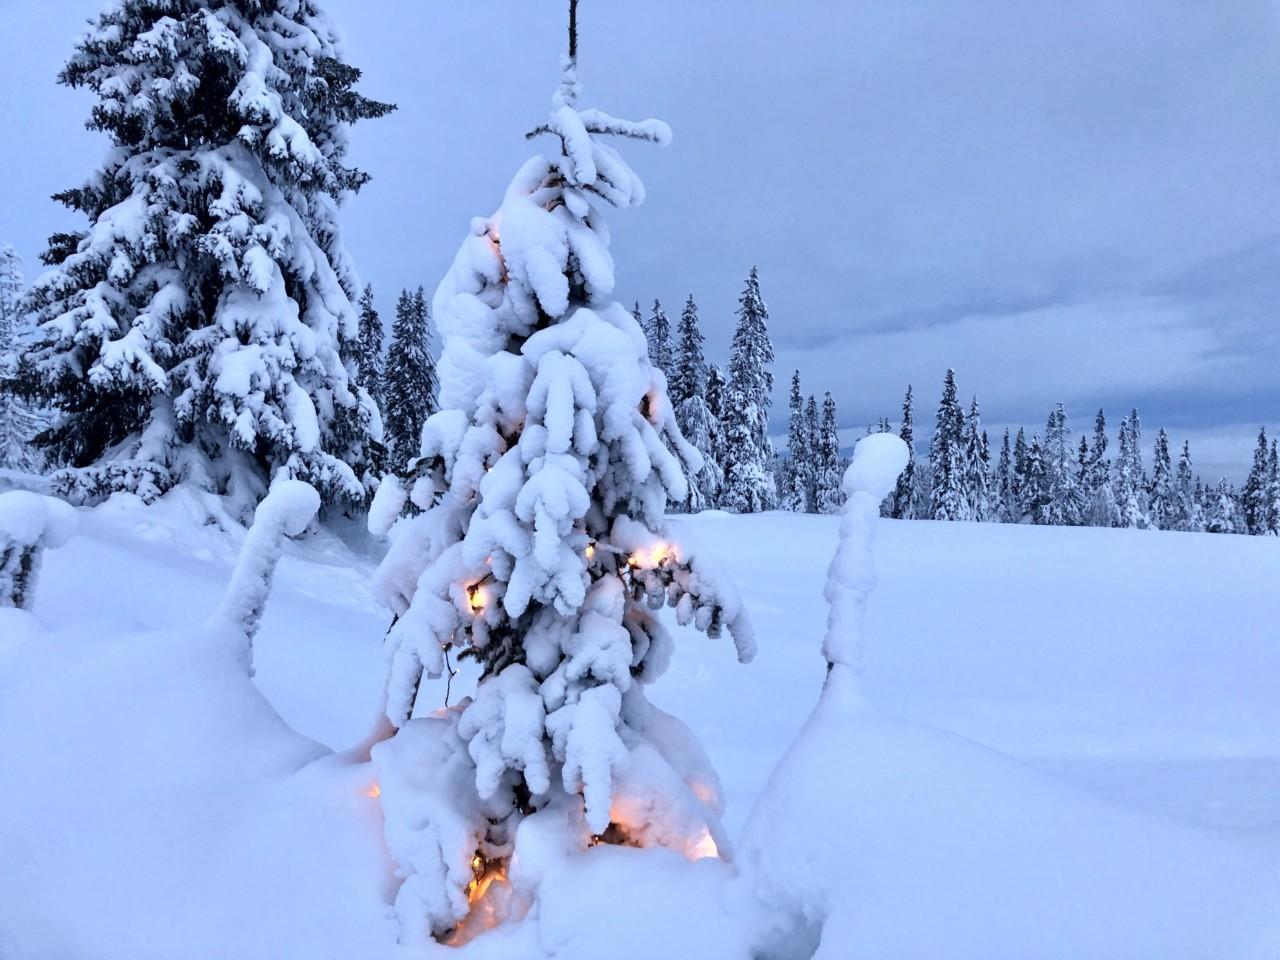 juletre-med-lys-utelys-fjellet-sno-jul-ferie